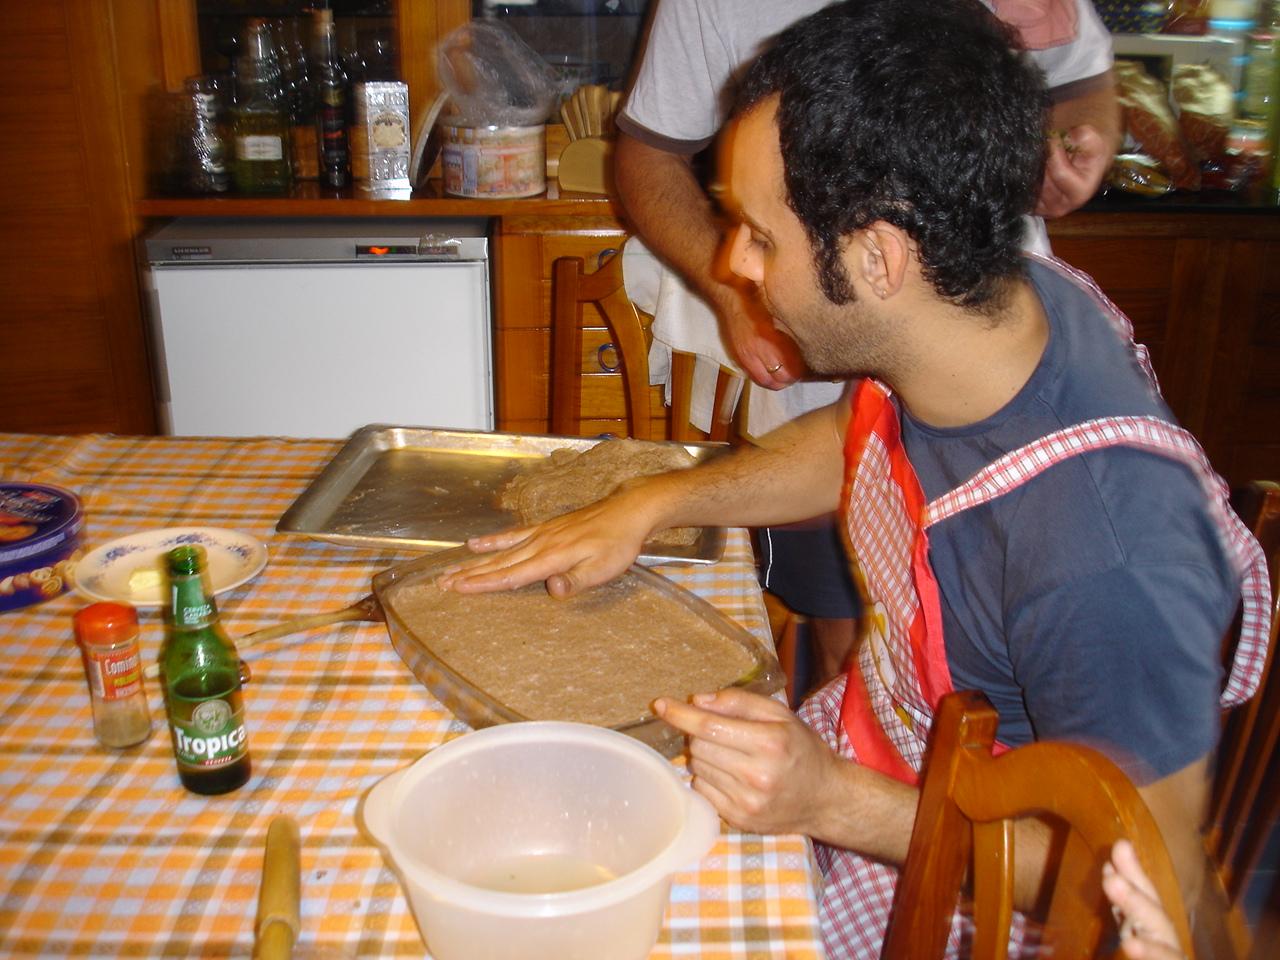 Restaurante mezze mediterraneo taller de cocina en familia for Cocina en familia